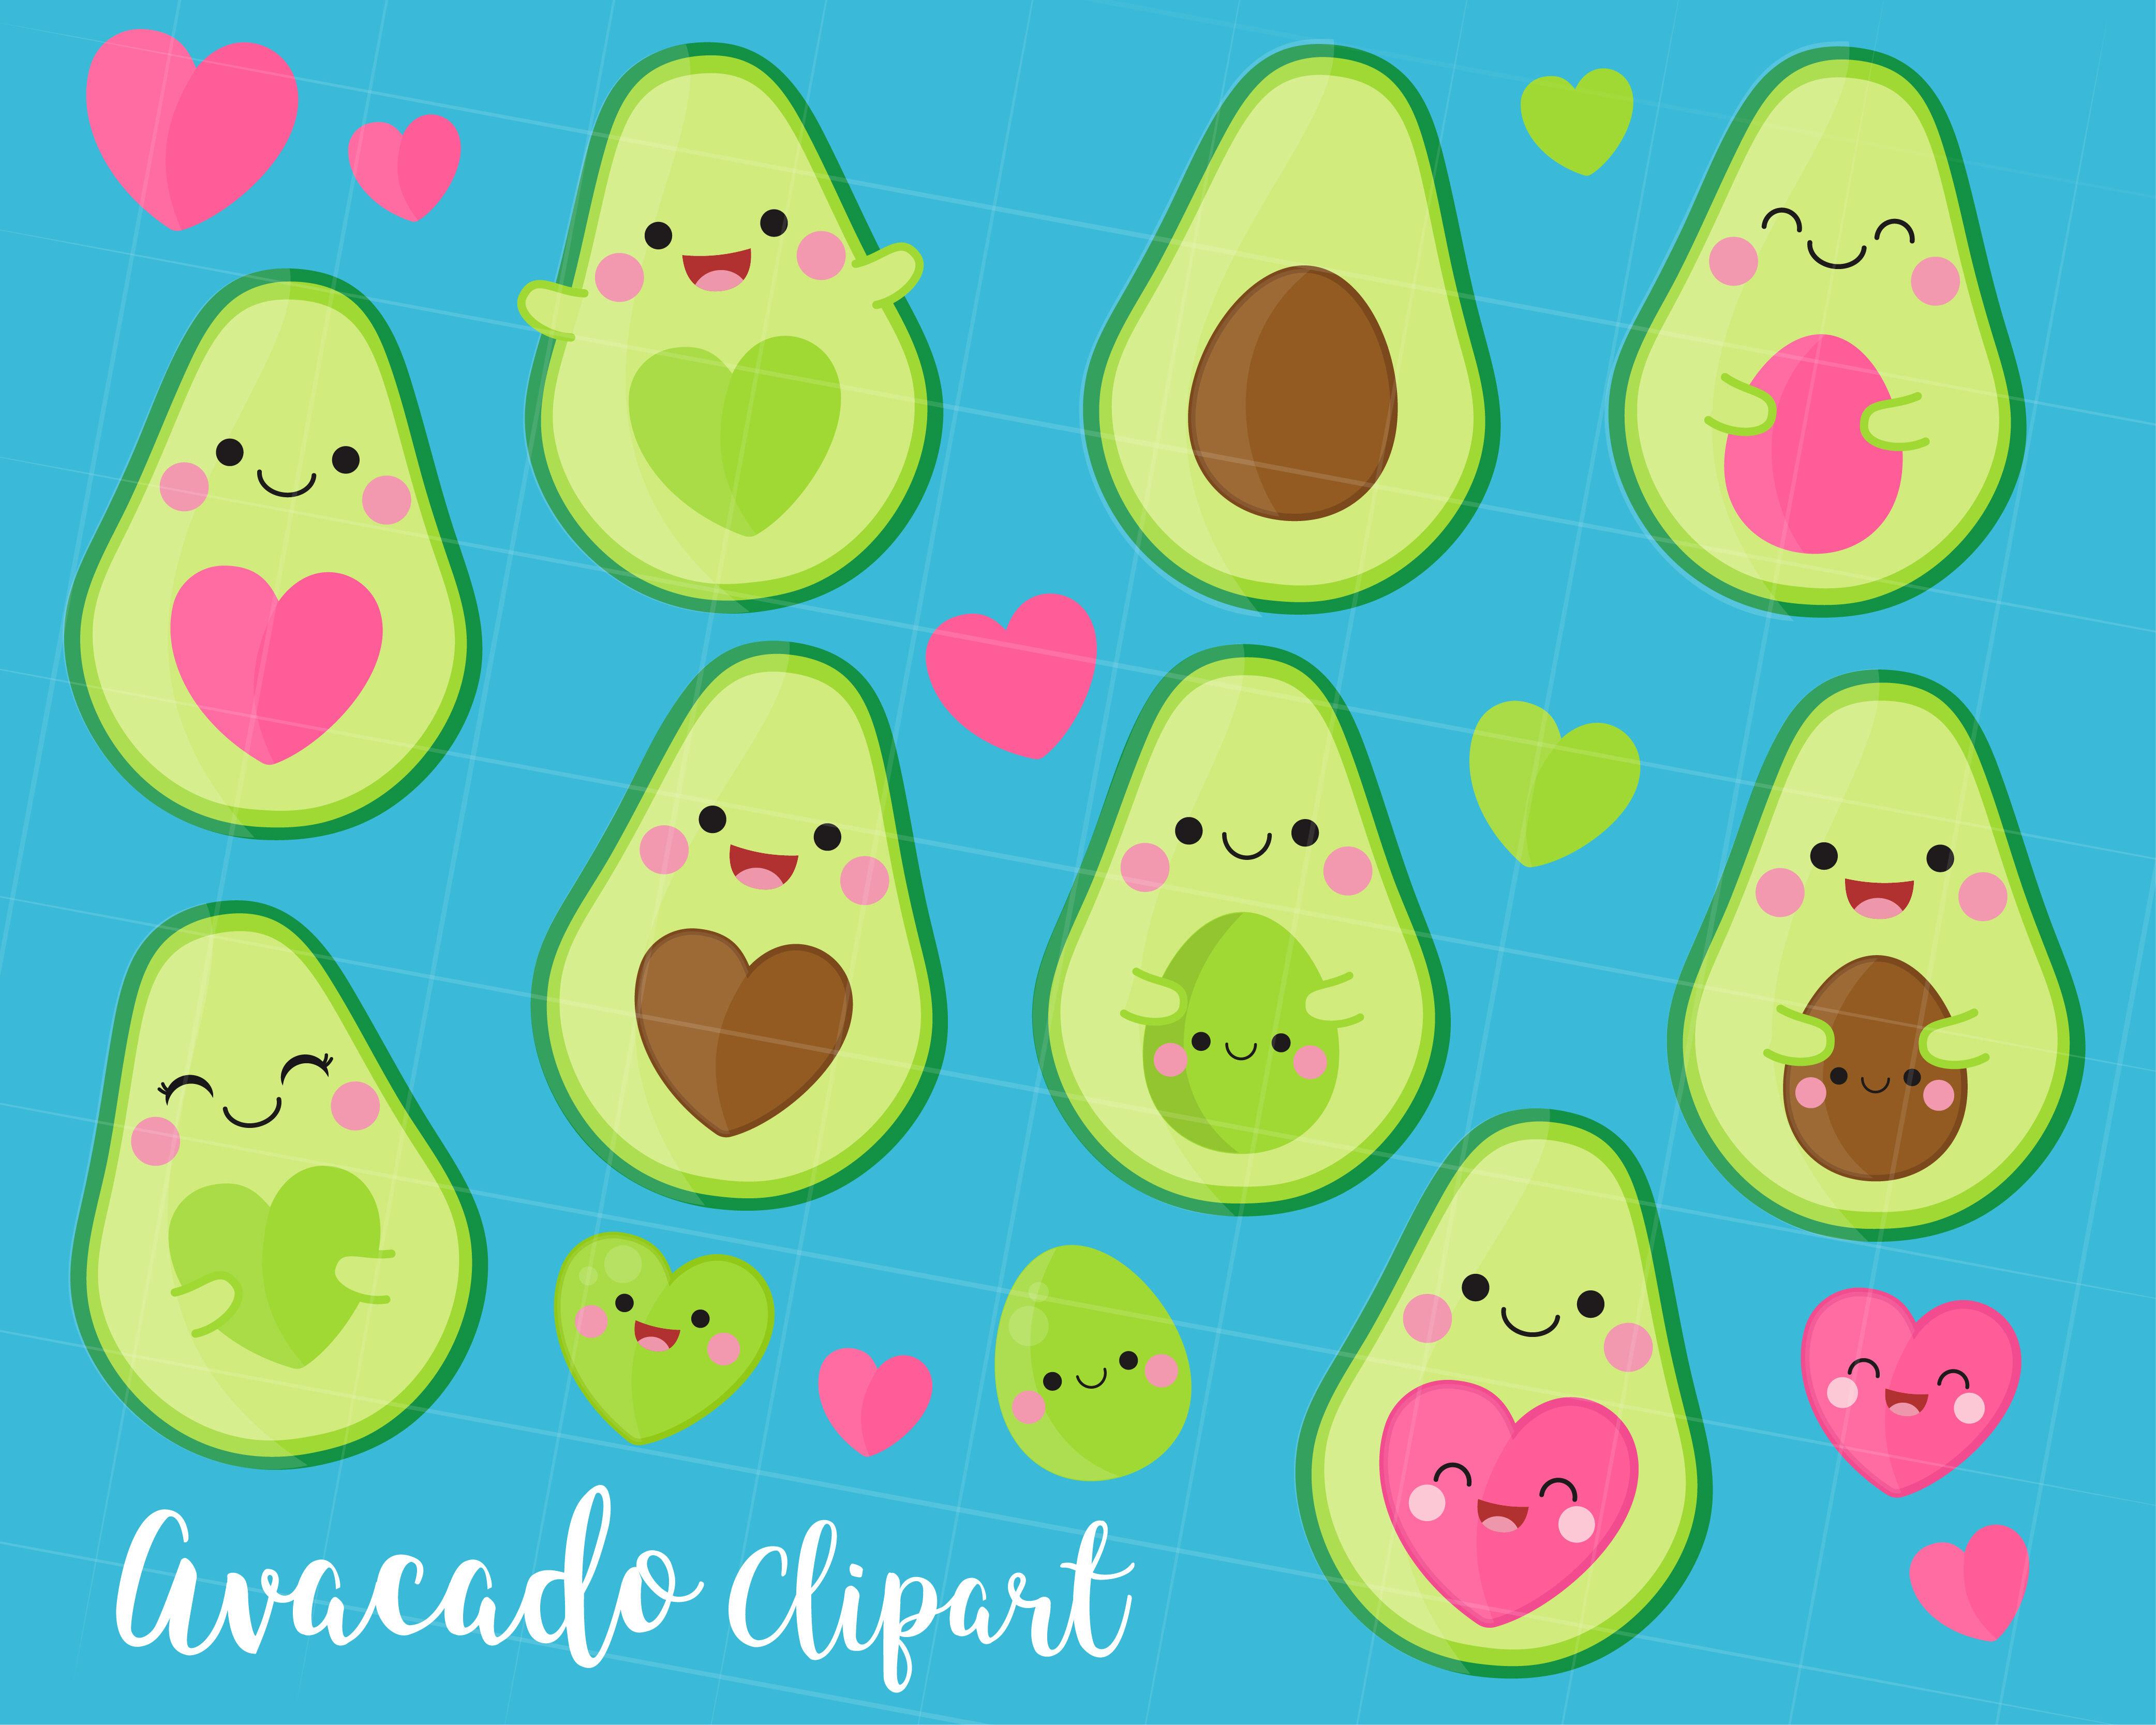 Avocado clipart, Avocado Clip art, Kawaii Avocado ...